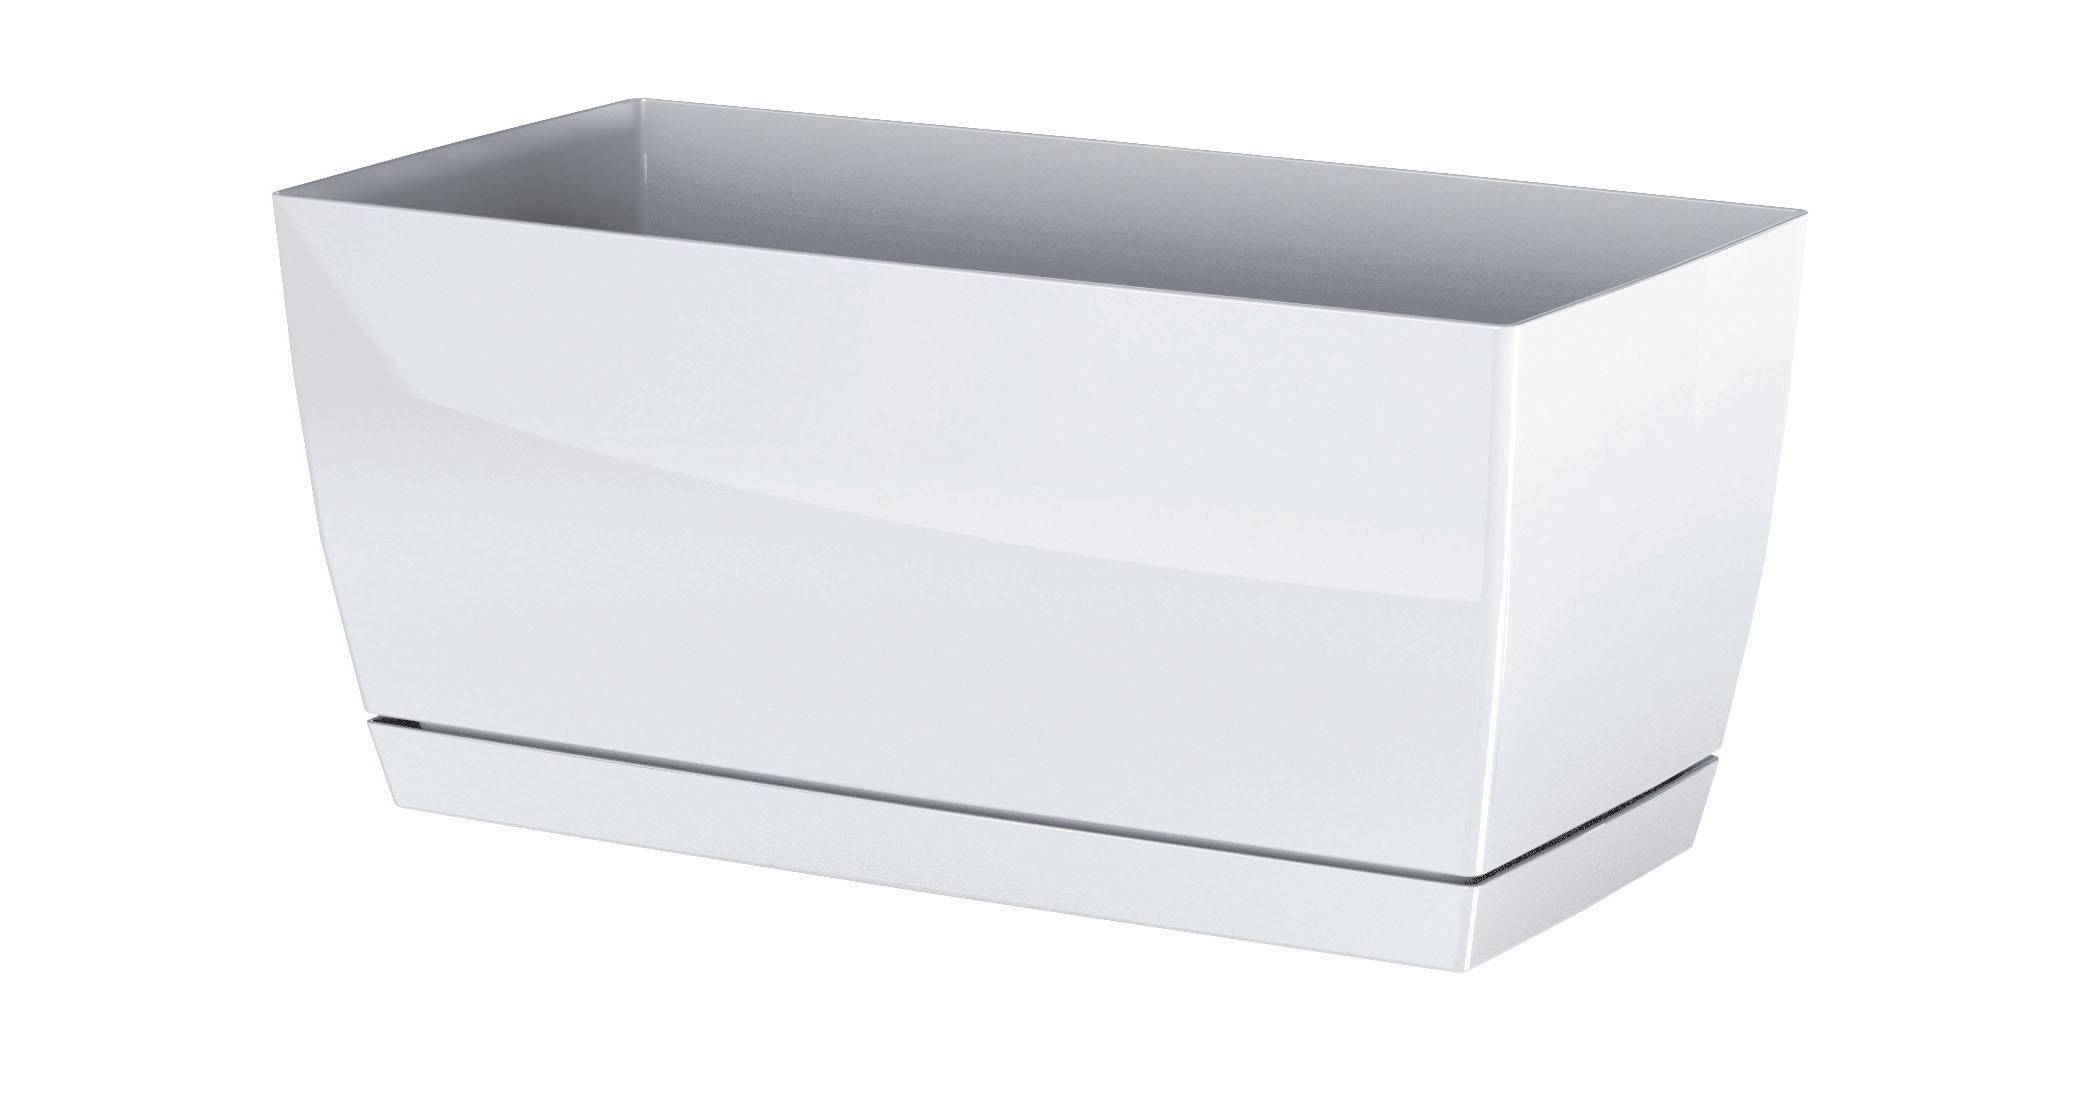 PROSPERPLAST Truhlík COUBI CASE P s miskou bílý 29 cm